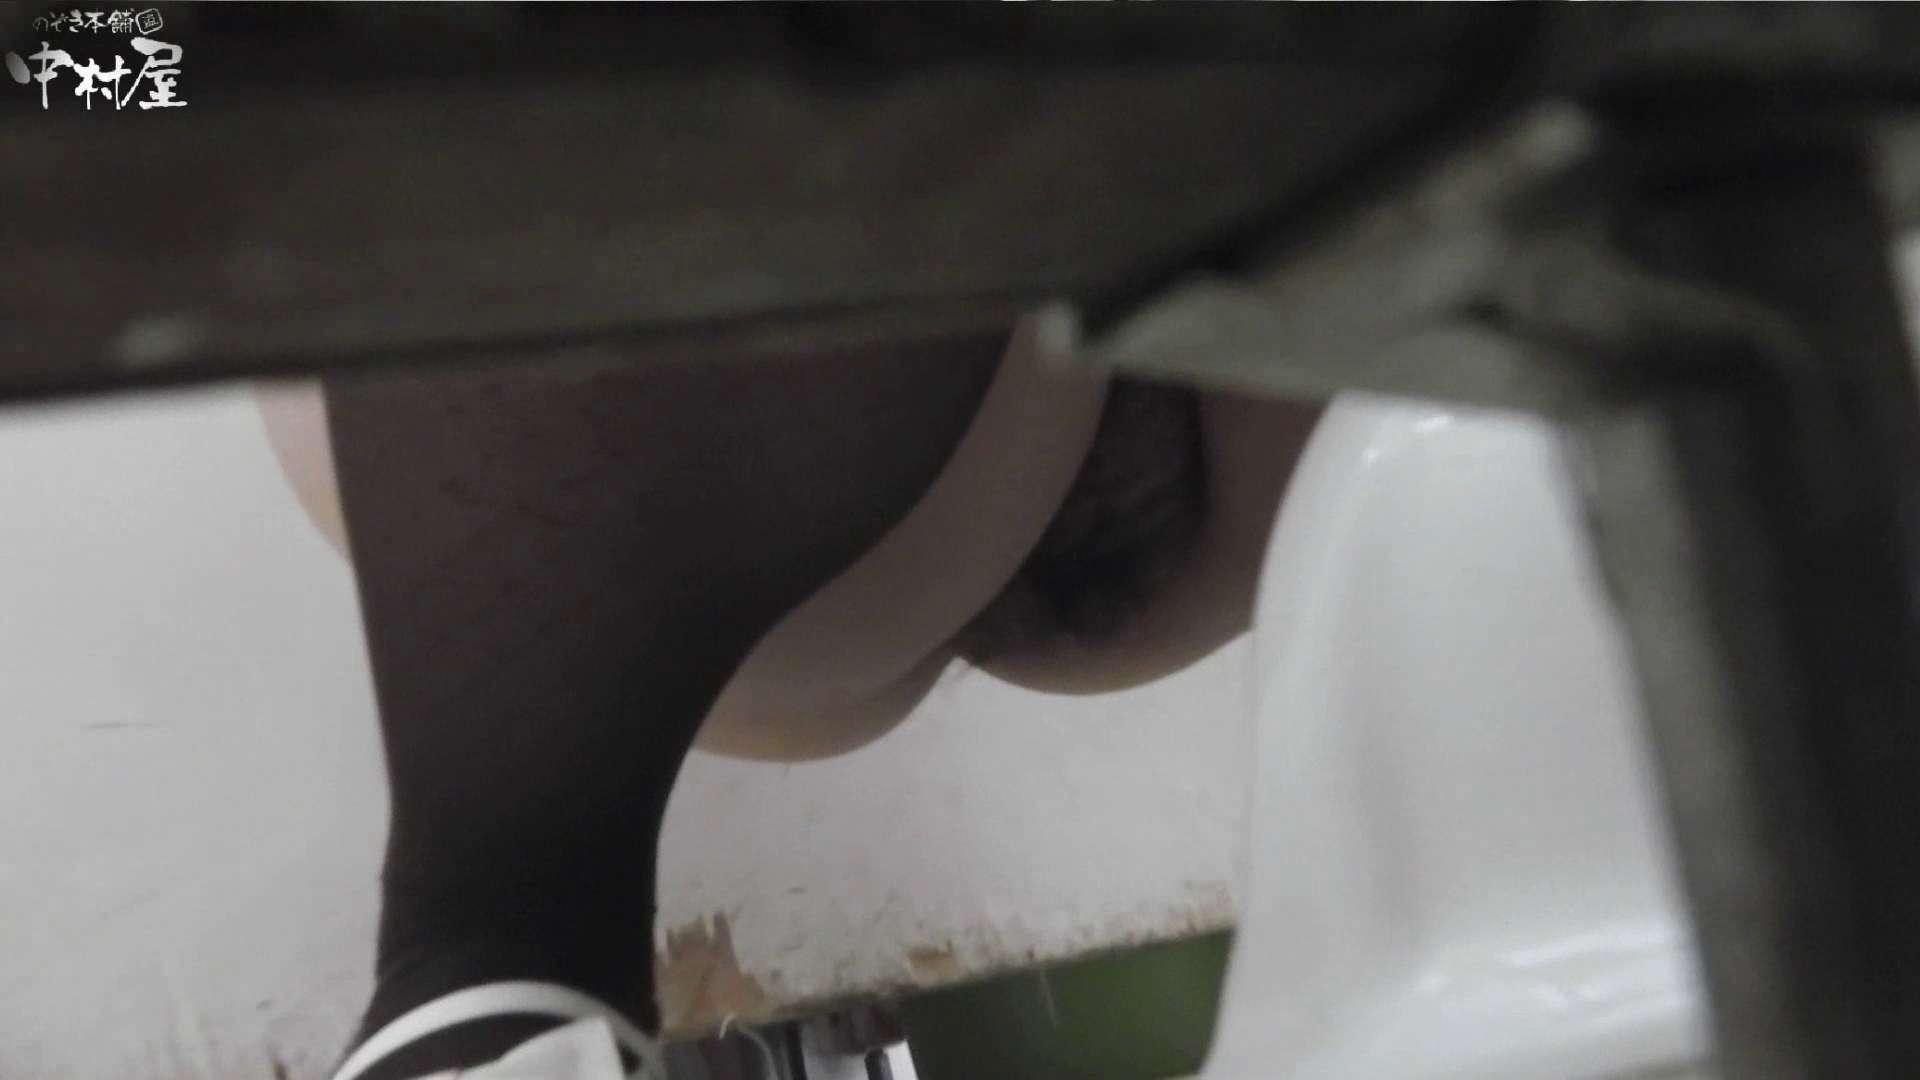 vol.09 命がけ潜伏洗面所! ハミ具さま プライベート のぞき濡れ場動画紹介 58PICs 27